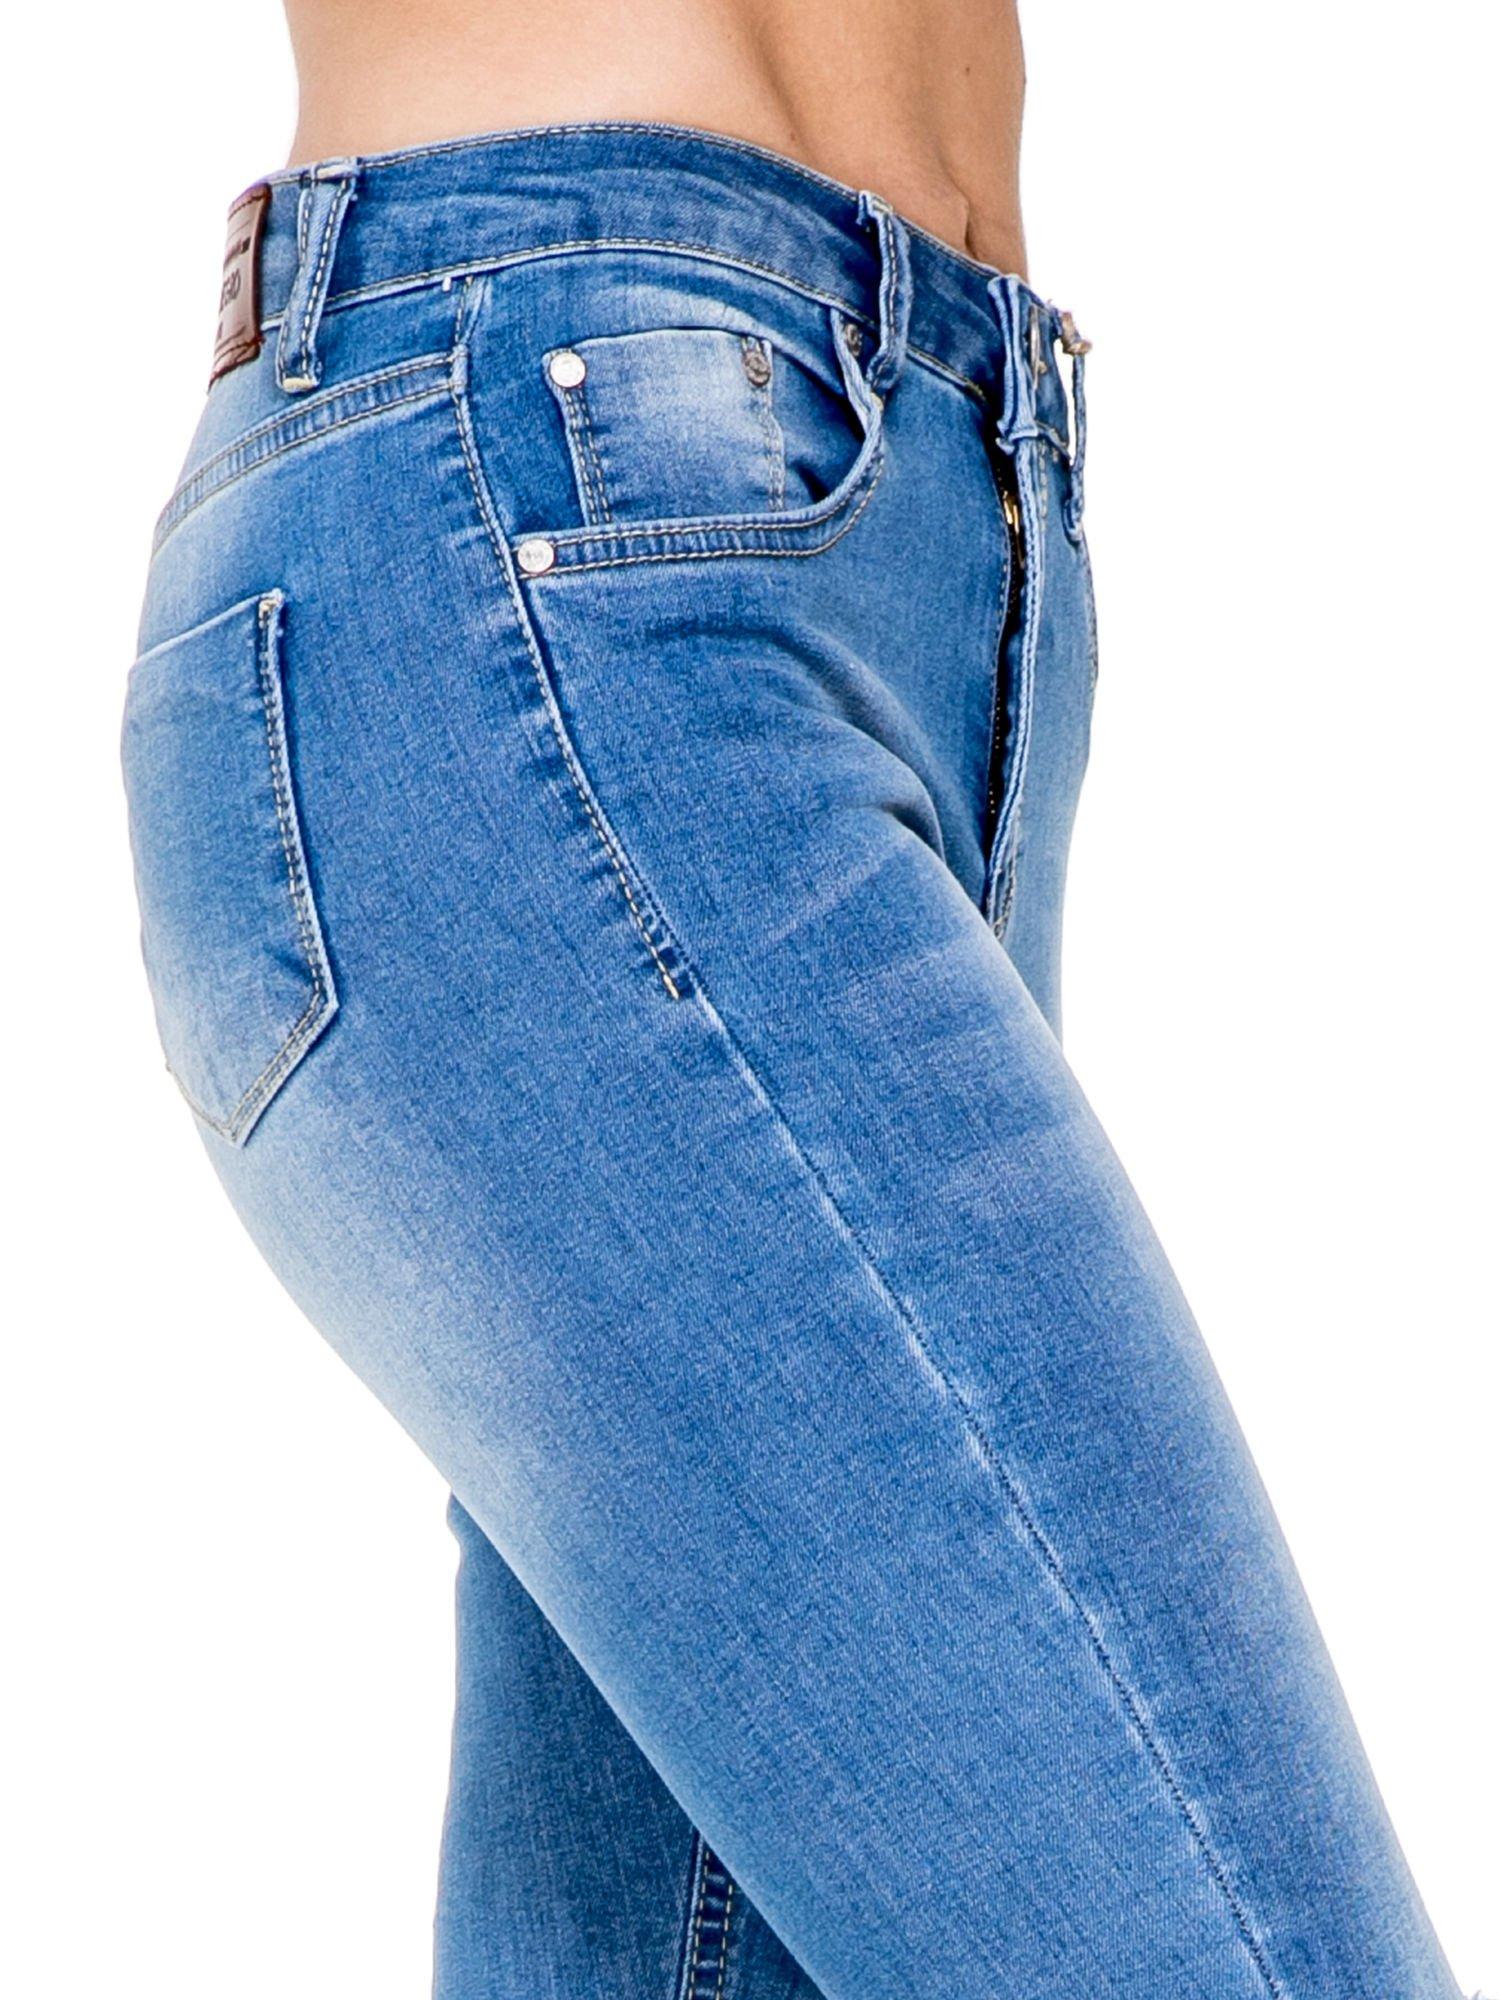 Niebieskie spodnie jeansowe rurki z wysokim stanem i dziurami na kolanach                                  zdj.                                  6